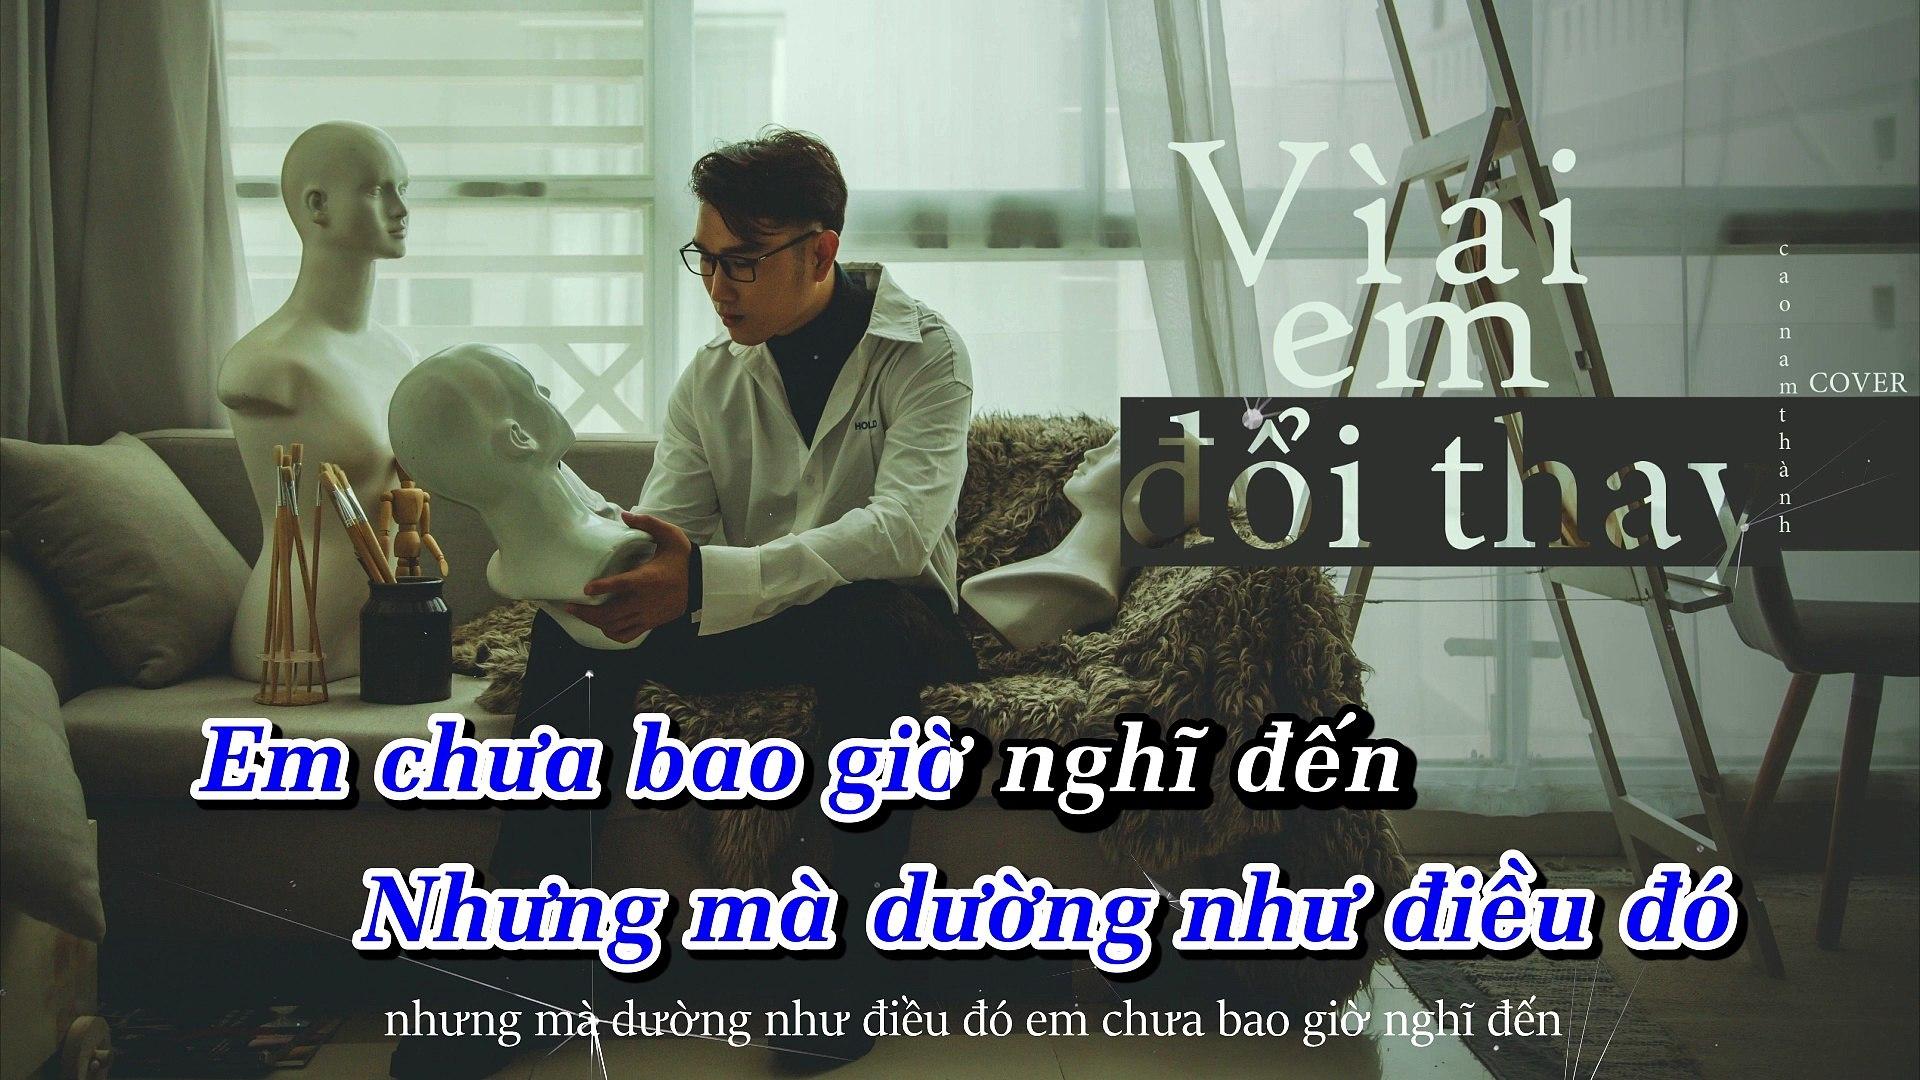 [Karaoke] Vì Ai Em Đổi Thay - Cao Nam Thành [Beat]